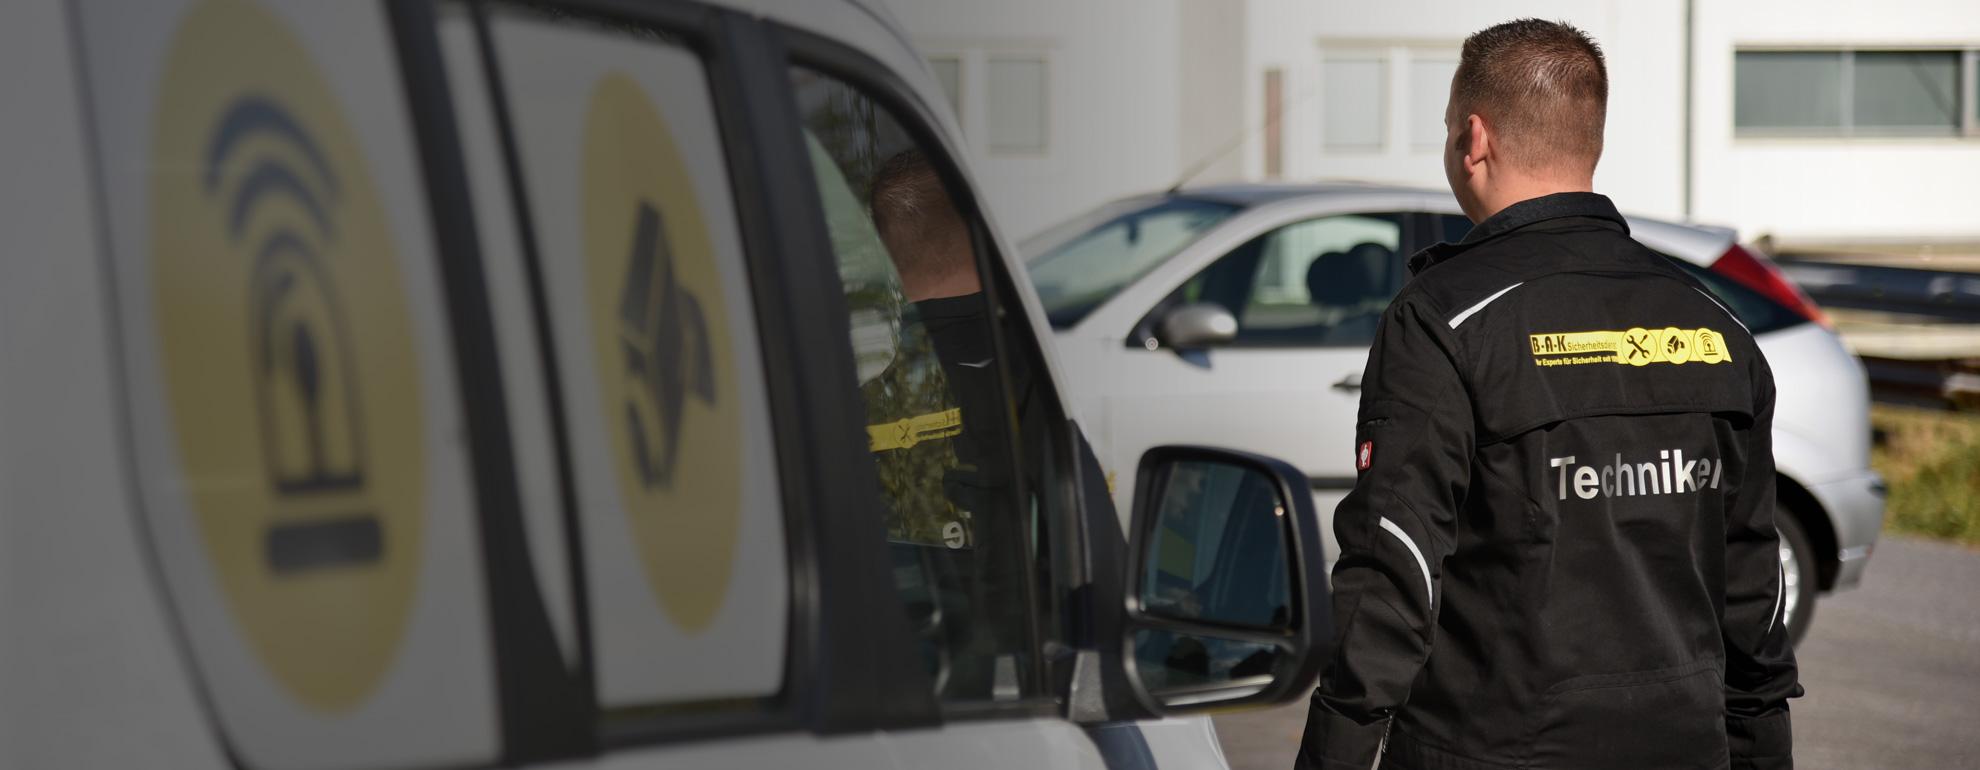 Sicherheit-B-A-K Werne_Sicherheitsdienstleistung_Sicherheitstechnik_Alarmanlagen_Revierdienst_Objektschutz_Werne_Kamen_Unna_Dortmund_Coesfeld-Slider